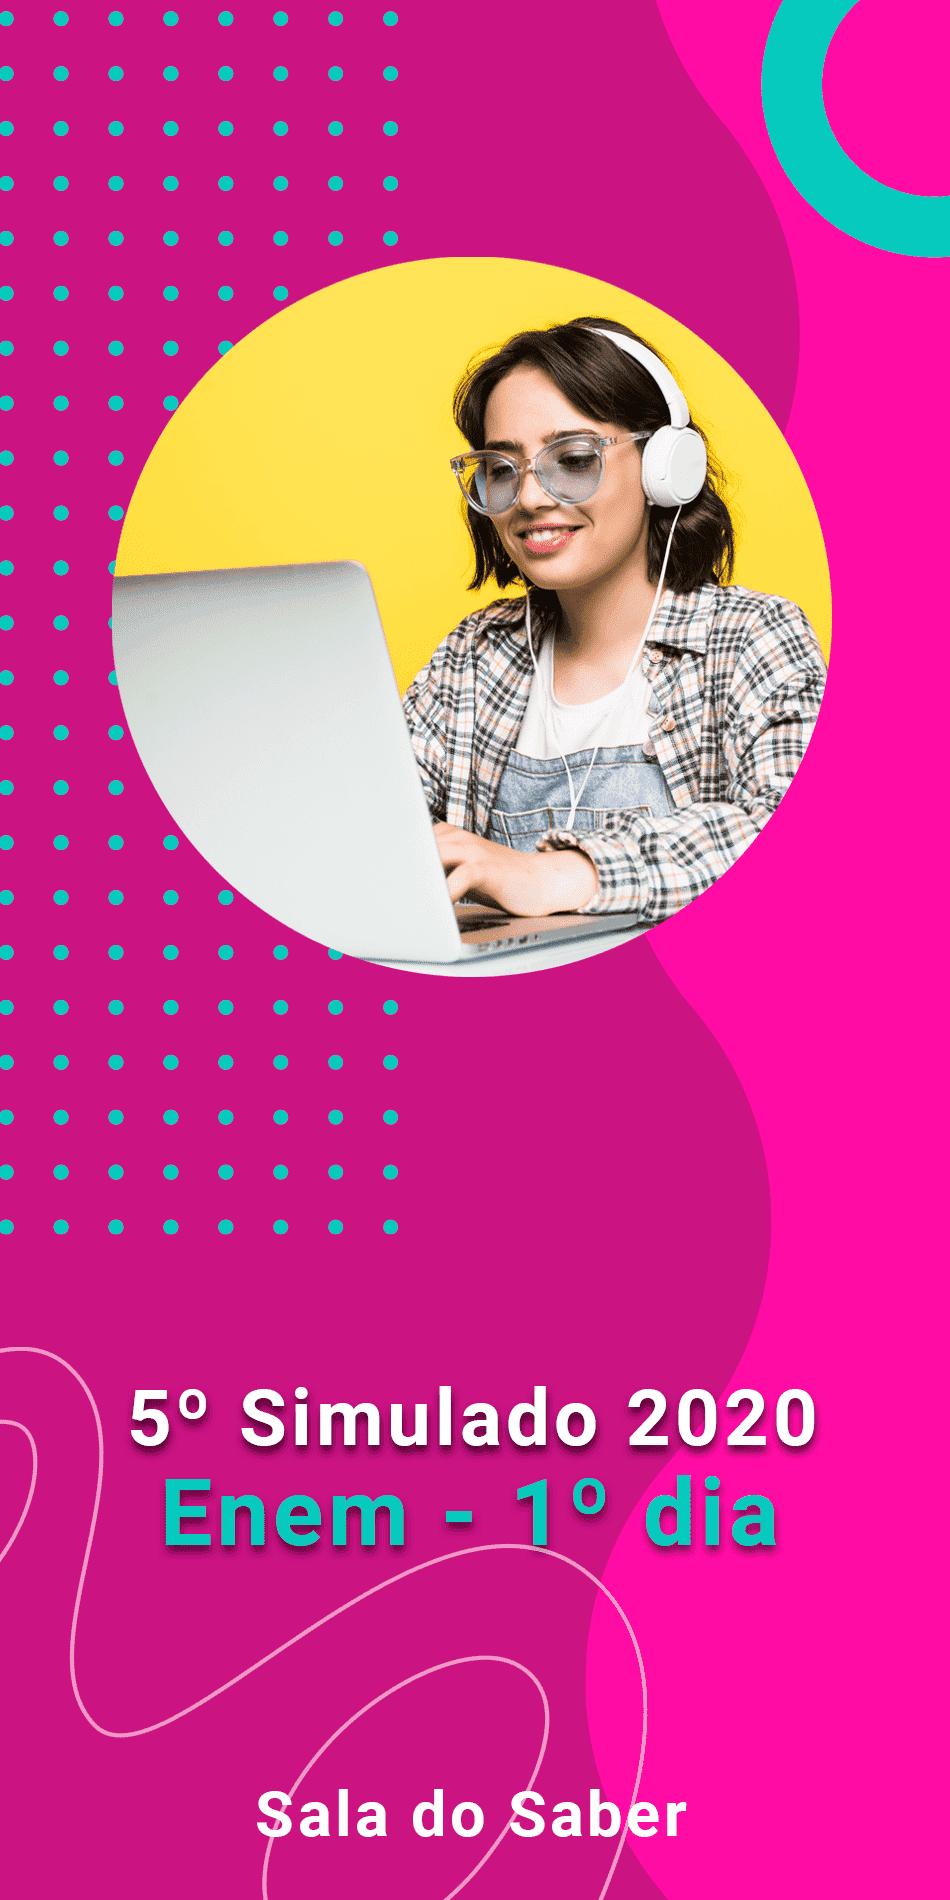 QUINTO SIMULADO 2020 - 1º DIA